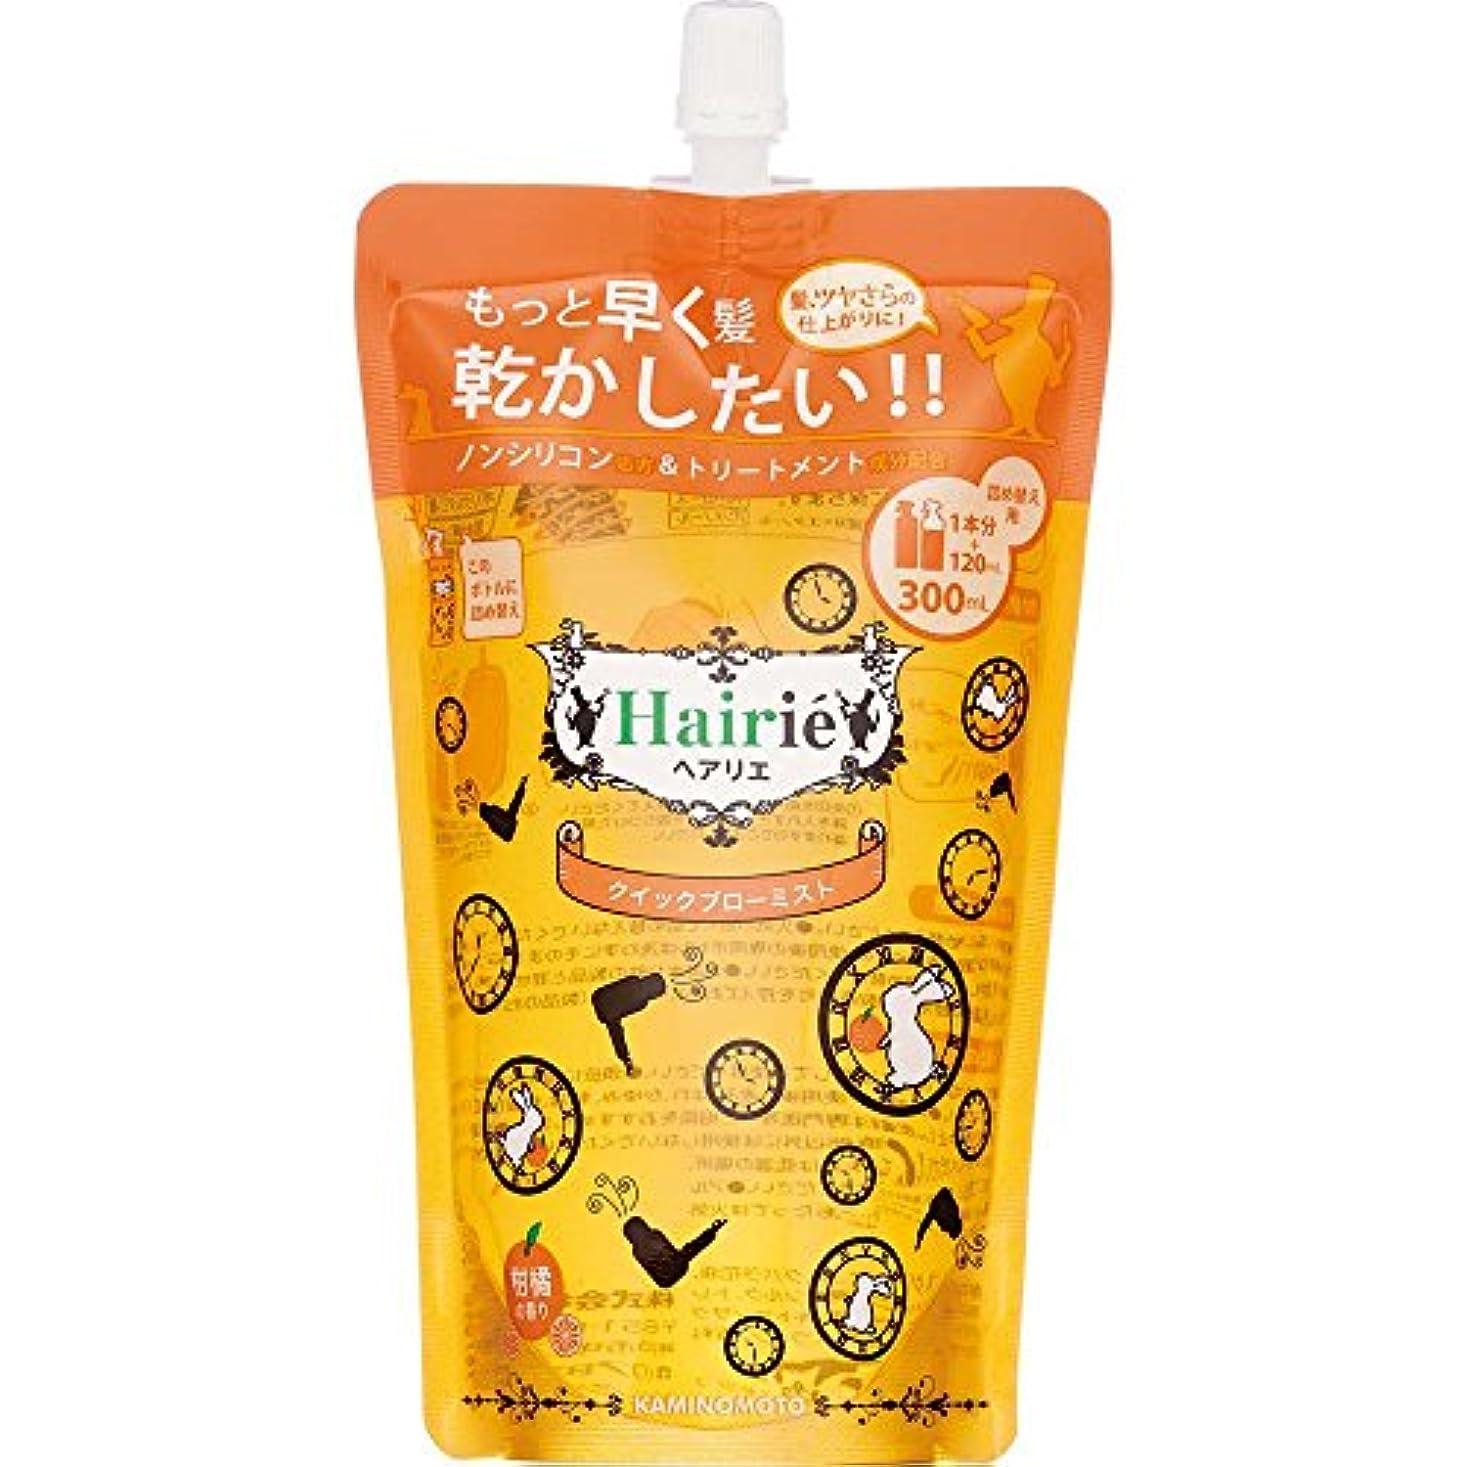 文献とまり木メディックヘアリエ クイックブローミスト 柑橘の香り 詰め替え 300mL